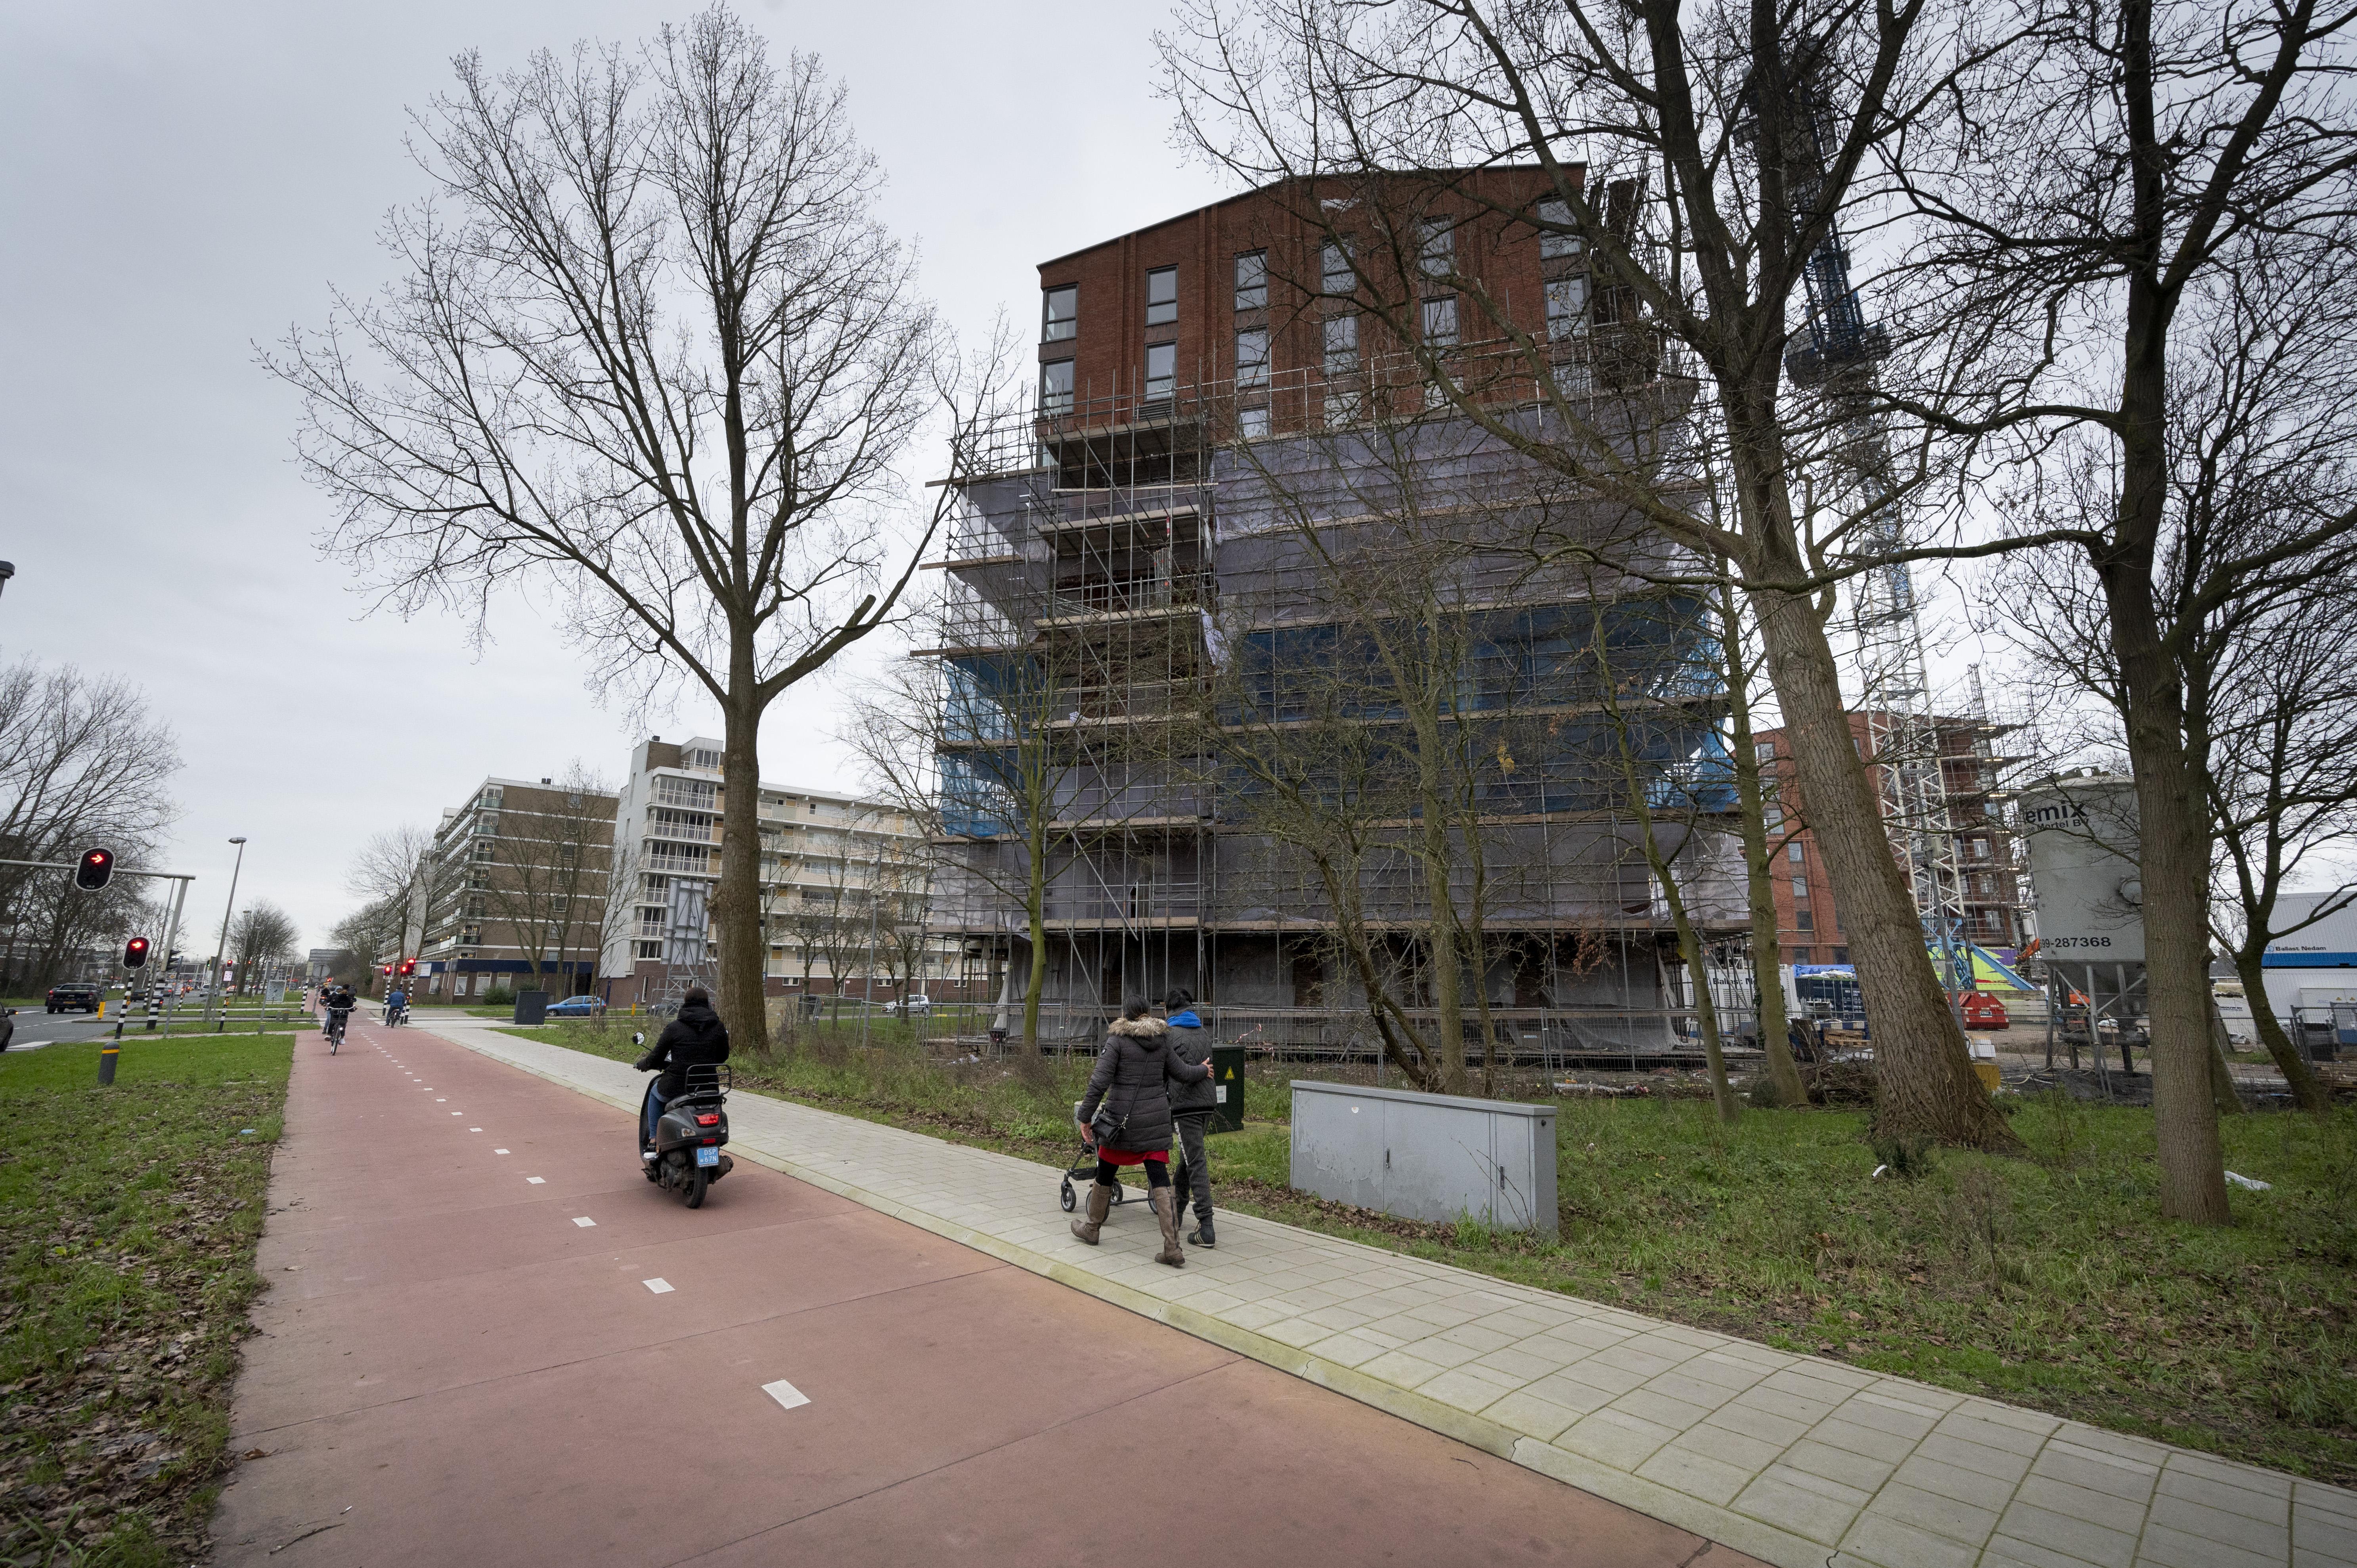 Nog eens tien bomen gekapt voor woningbouw aan de Engelendaal in Leiderdorp, Bomenbond boos